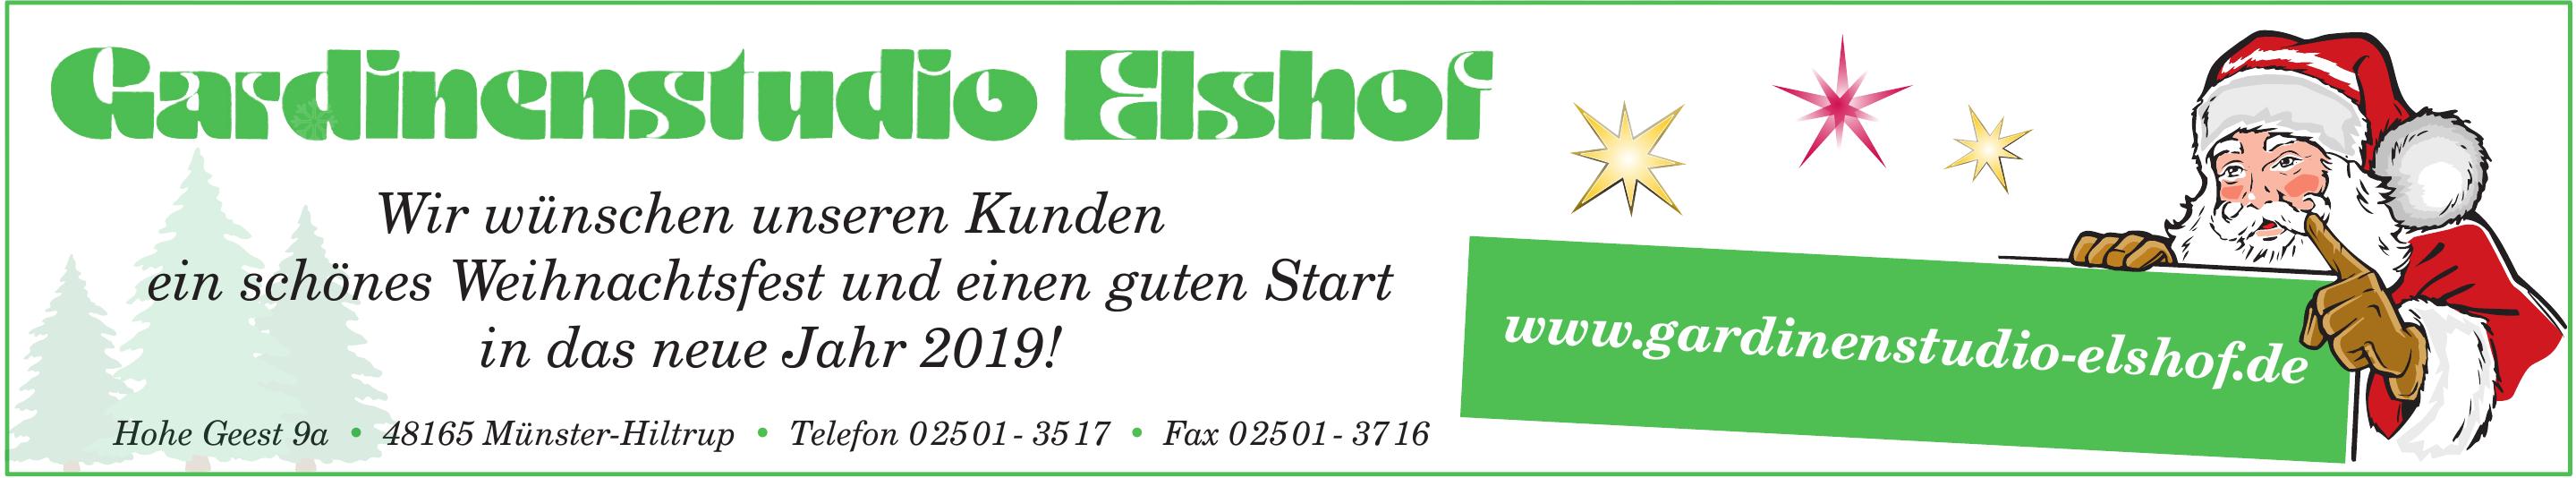 Gardinenstudio Elshof